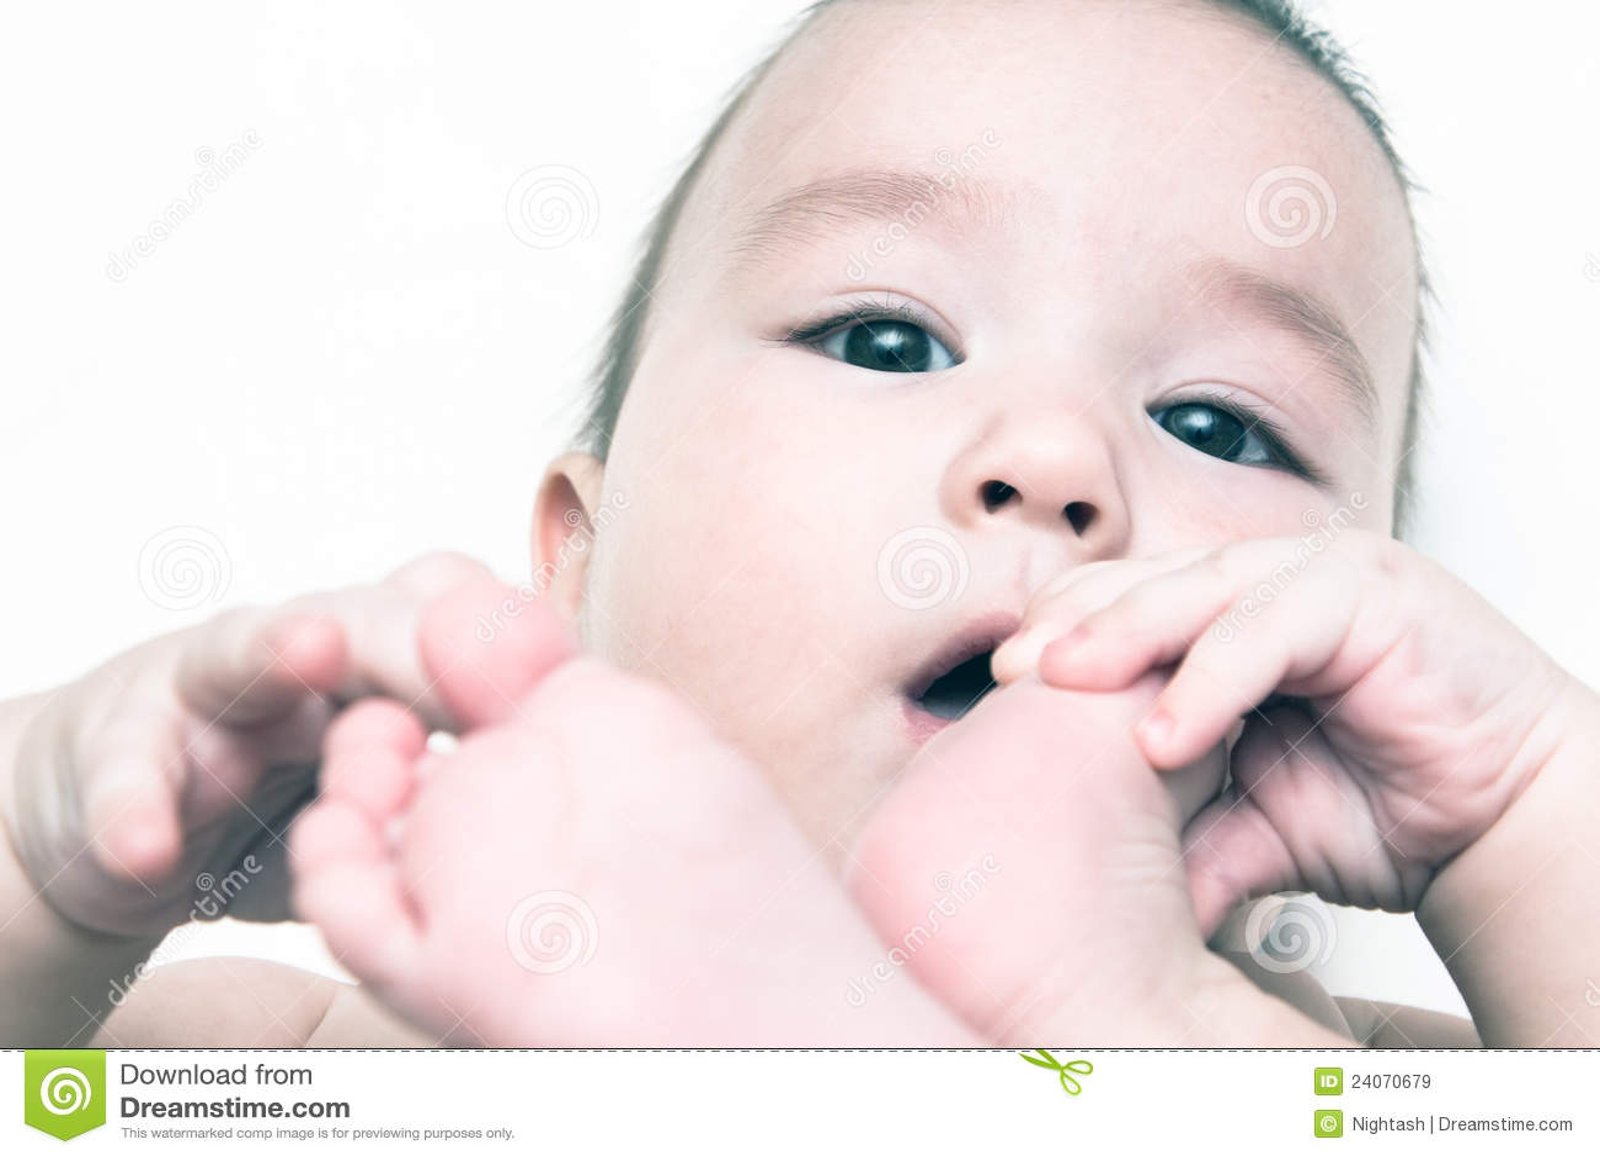 De baby zuigt zijn voet royalty vrije stock afbeeldingen afbeelding 24070679 - Baby voet verkoop ...